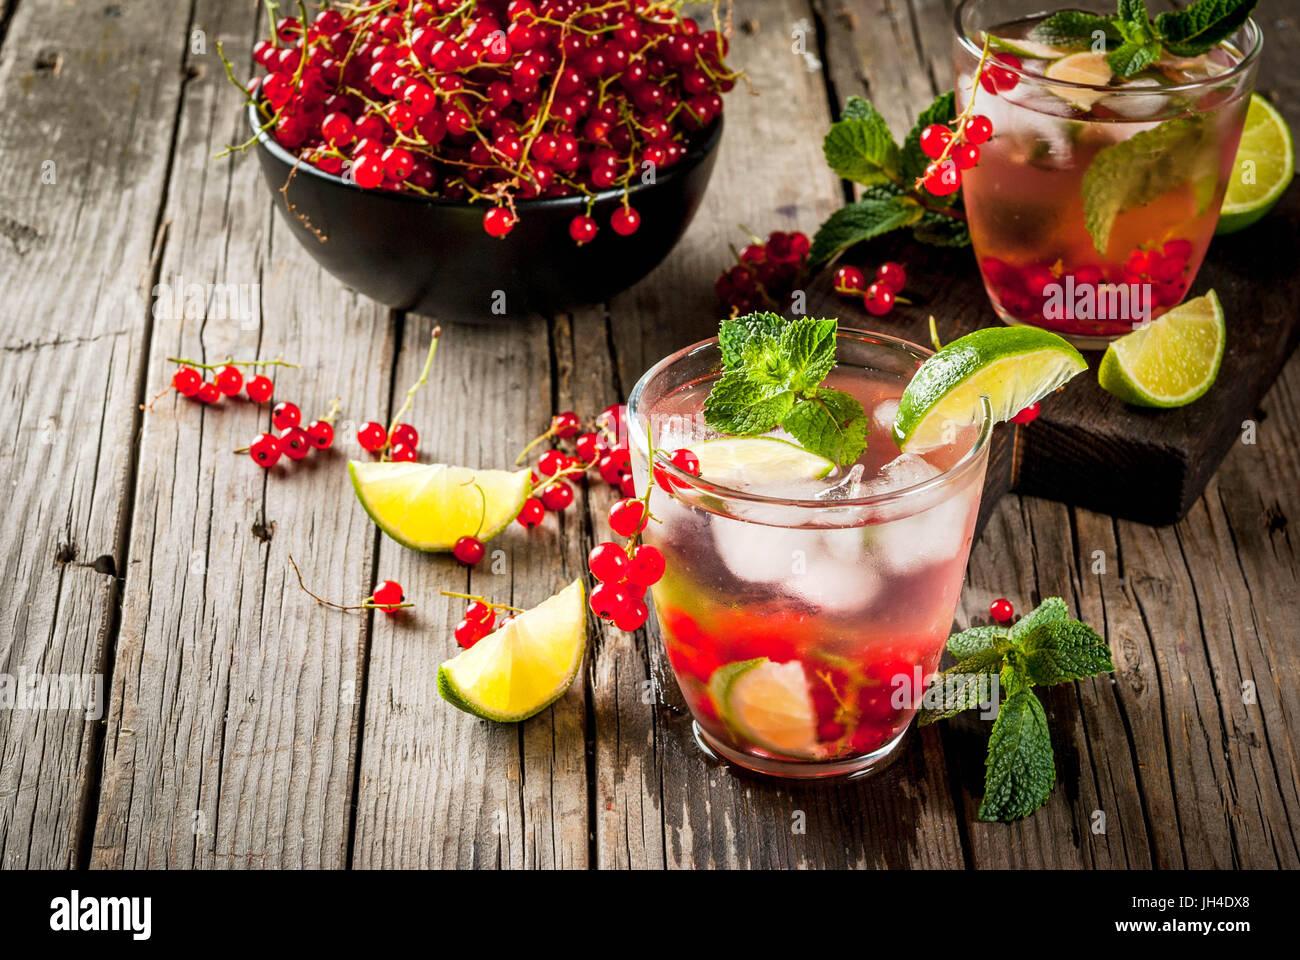 Le idee di bibite estive, dietetici salutari cocktail. Mojito da calce, menta e ribes rosso. Sul vecchio tavola Immagini Stock